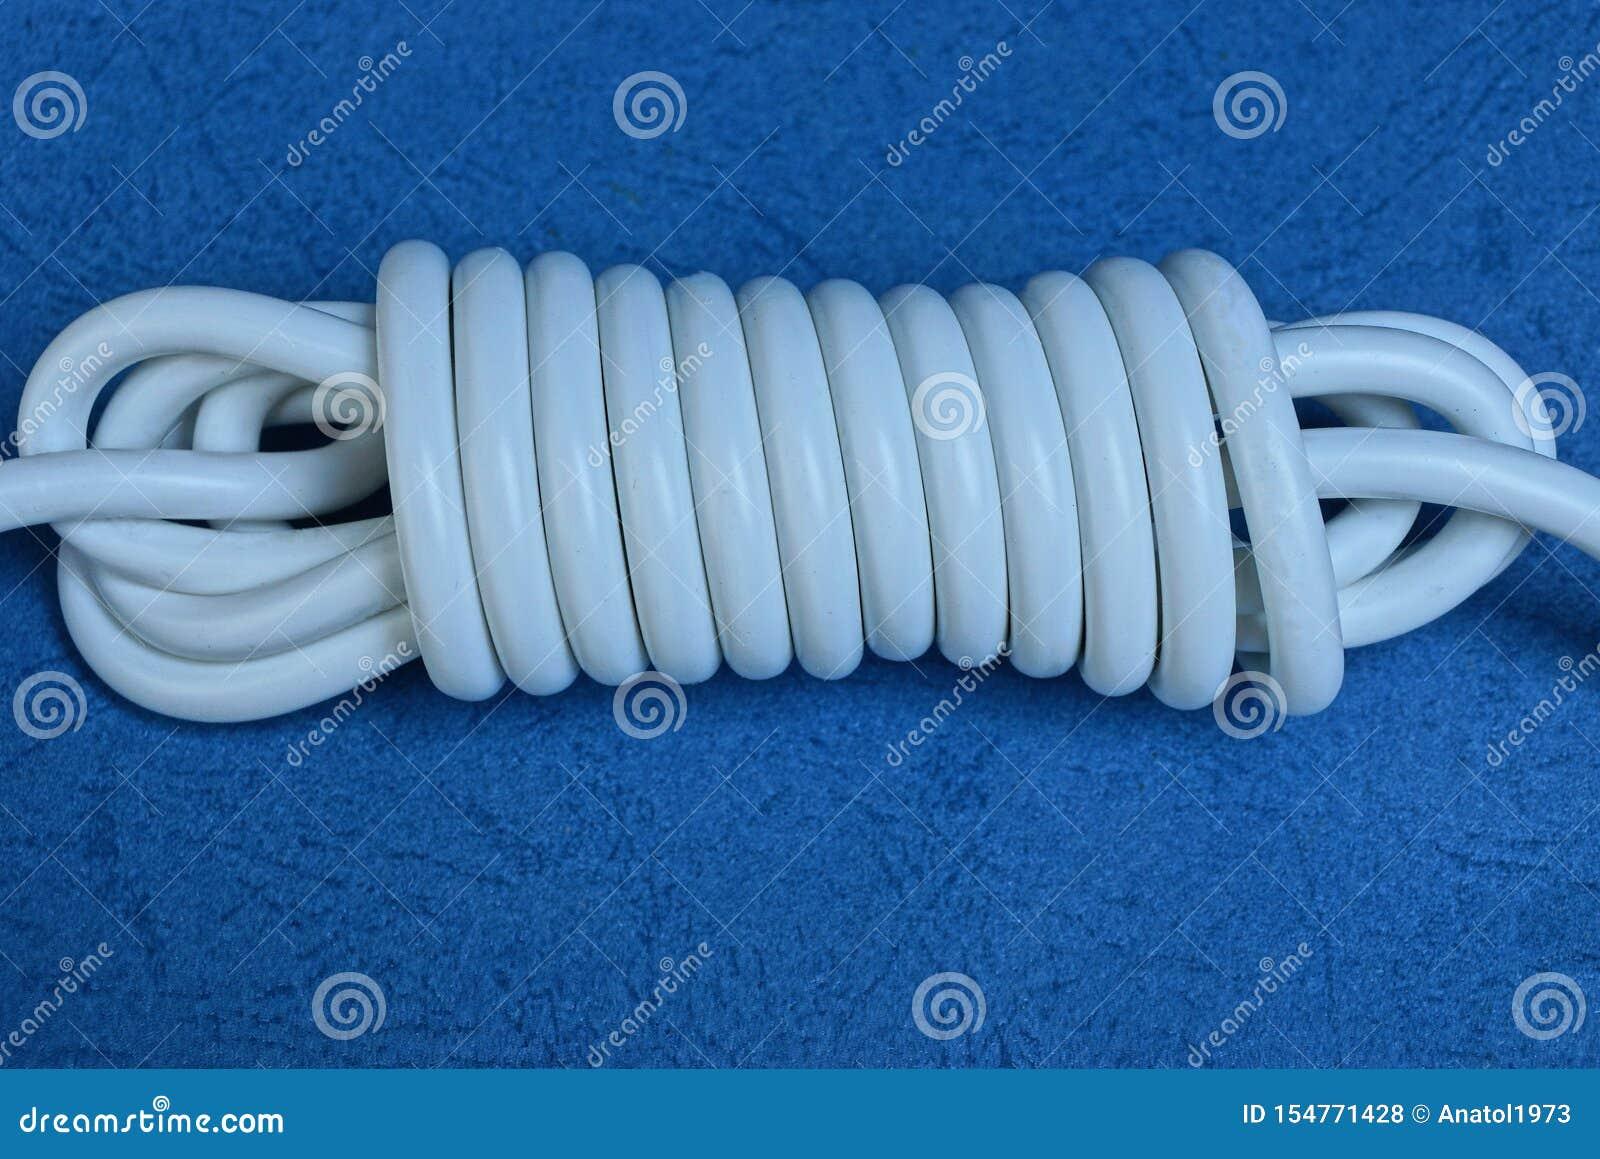 Elektrische kabel in een streng op een blauwe lijst